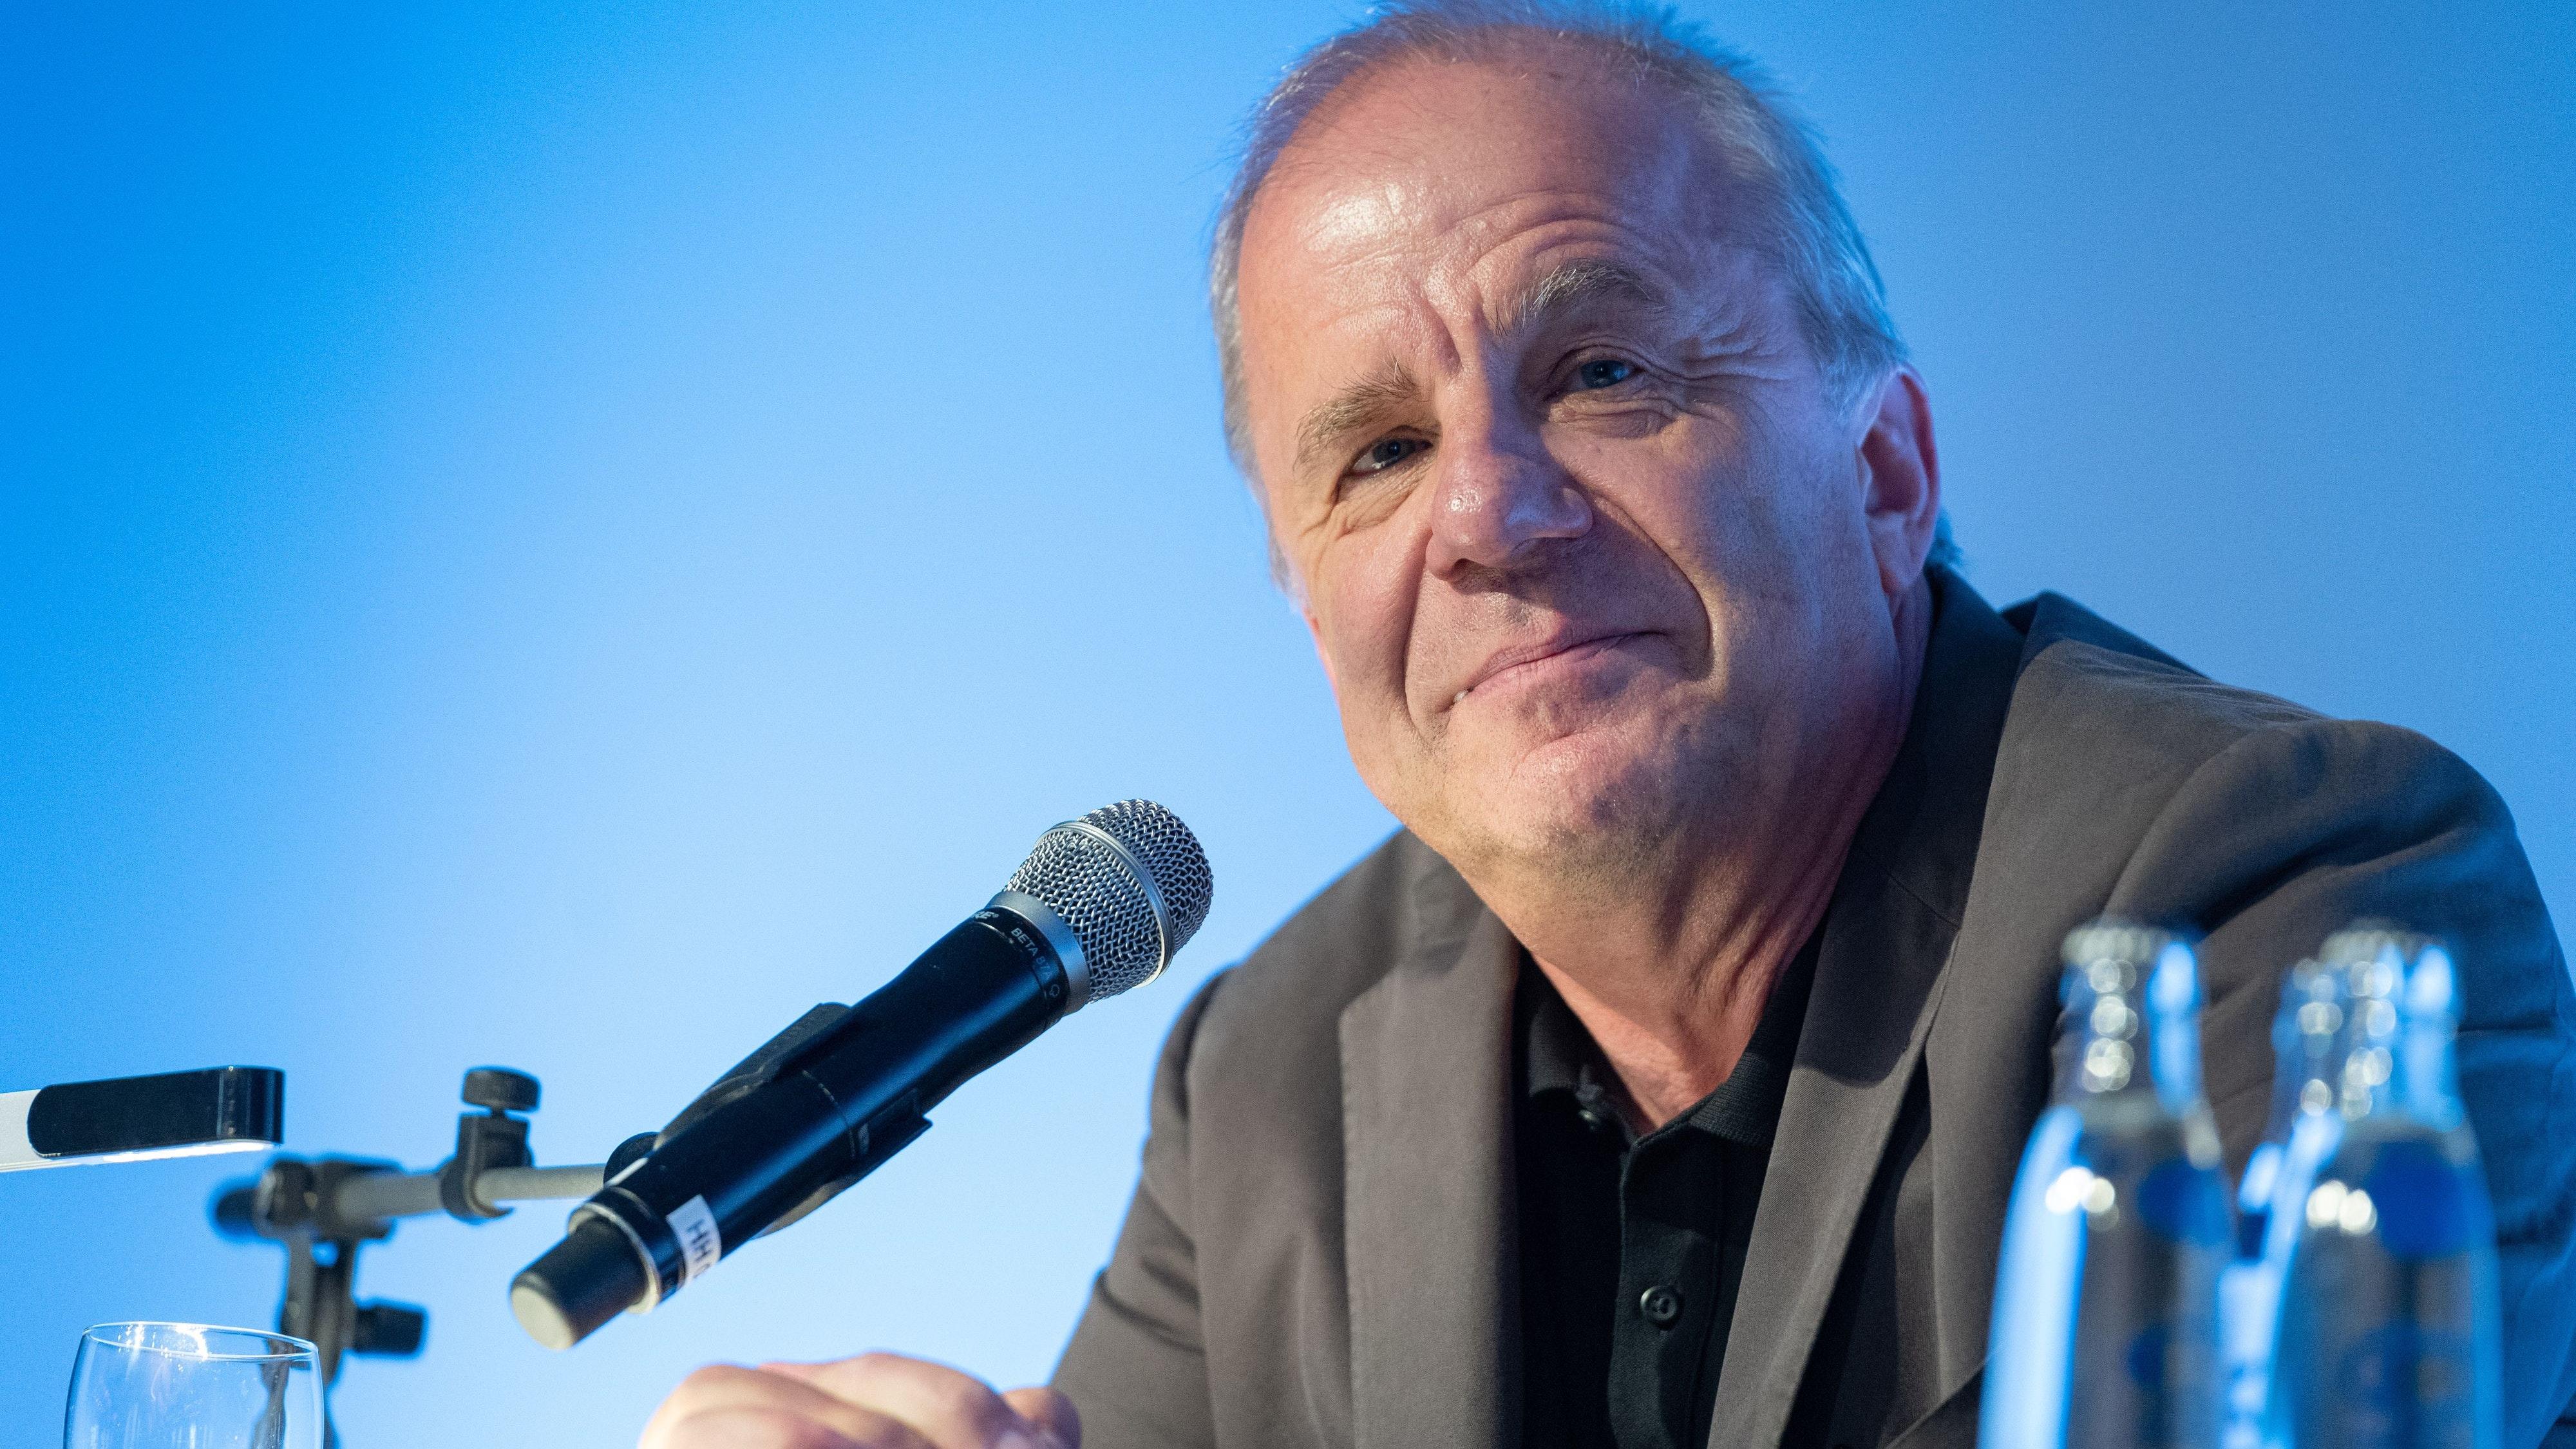 """Der Produzent, Autor und Gastgeber der NDR-Talkshow, Hubertus Meyer-Burckhardt, stellt in Visbek sein Buch """"Diese ganze Scheiße mit der Zeit"""" vor.  Foto: dpa/Gateau"""